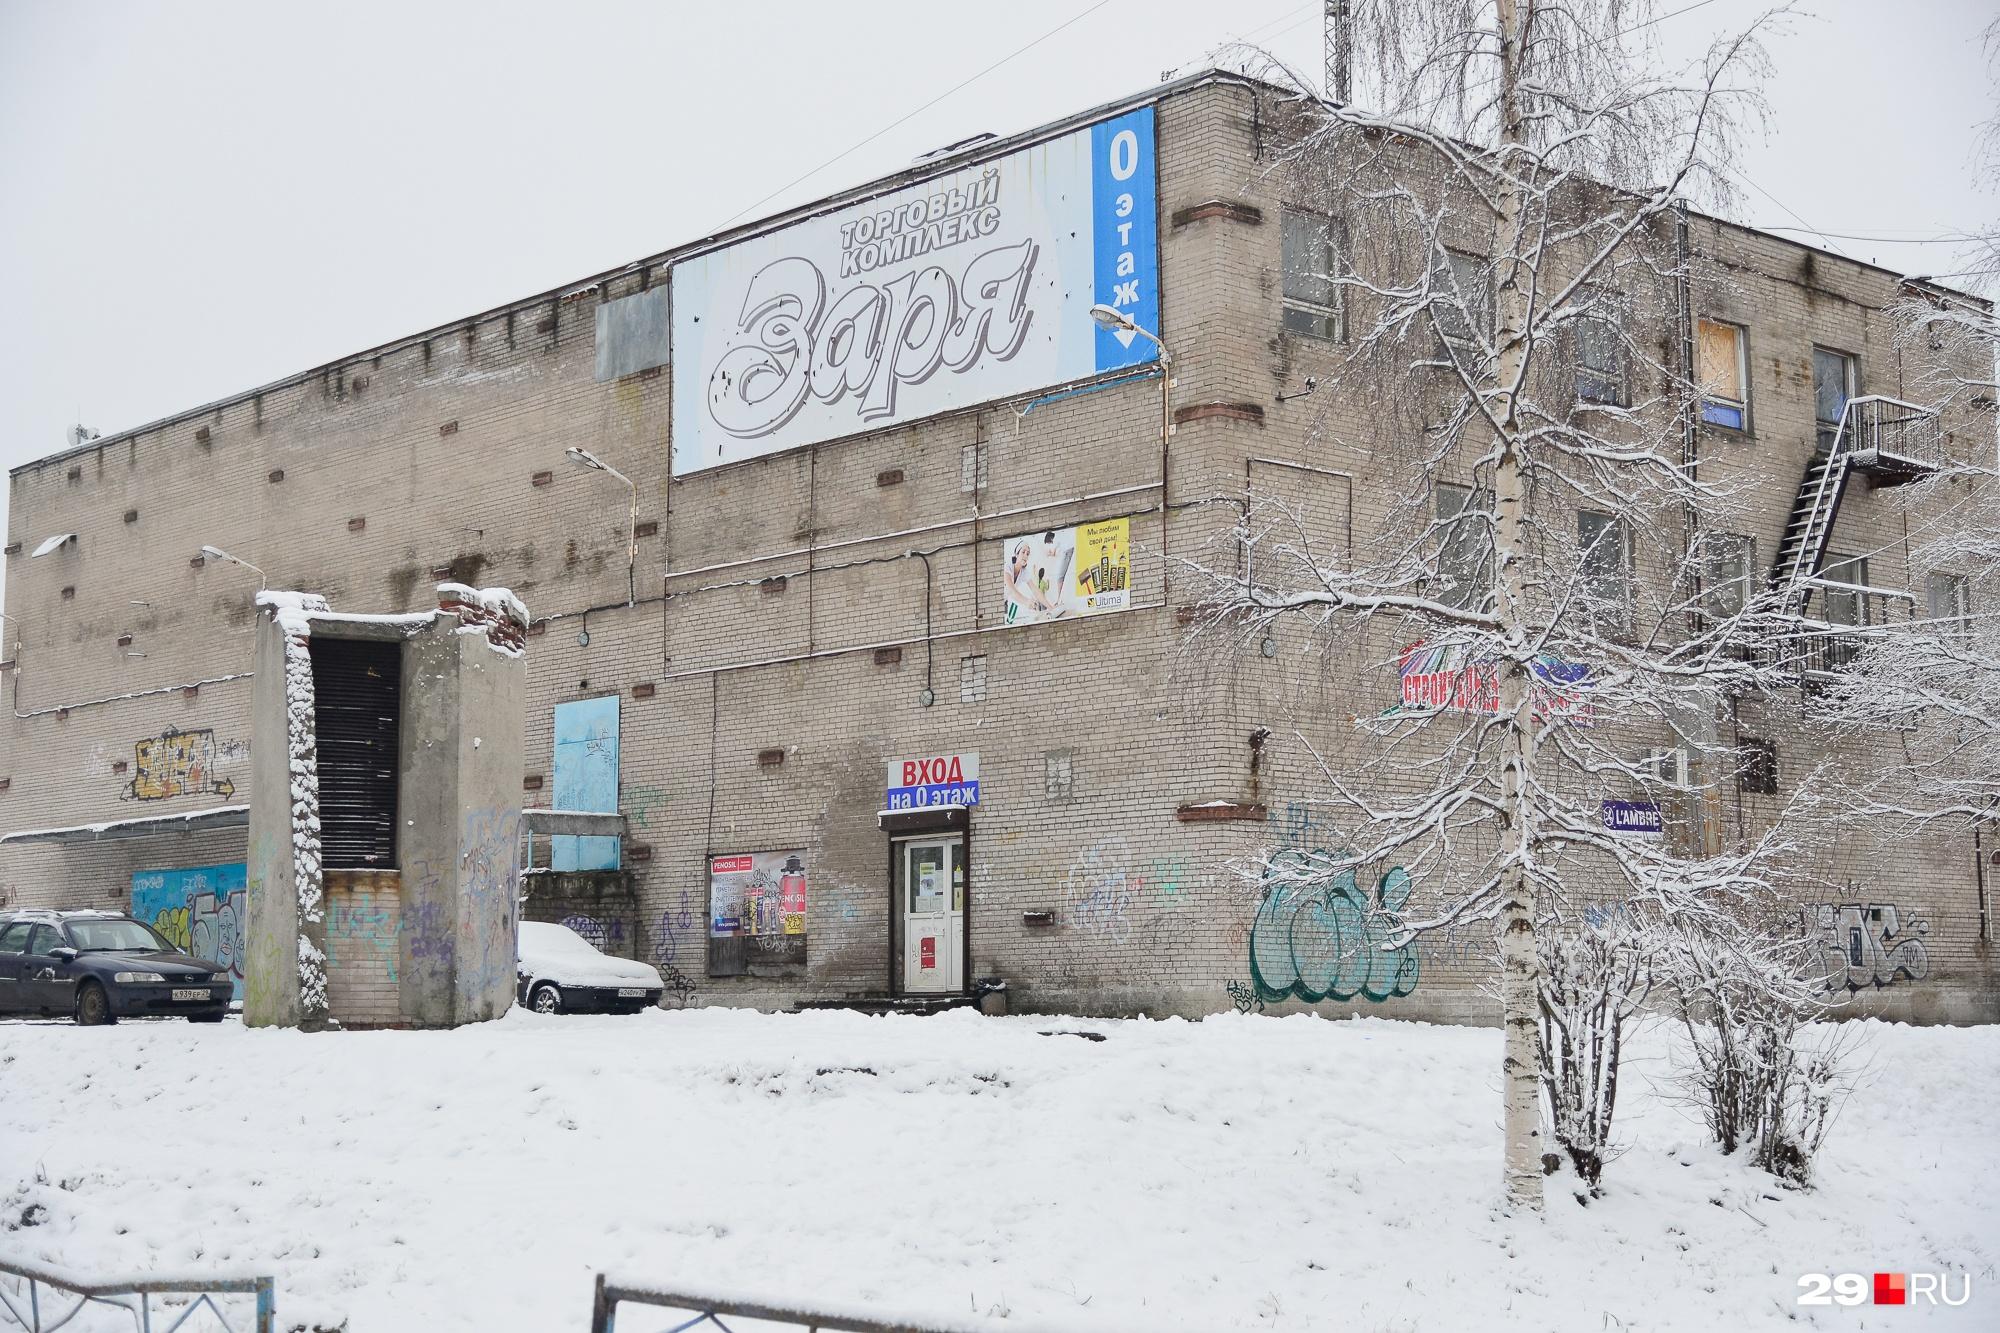 Сейчас в здании бывшего кинотеатра идет довольно вялая торговля